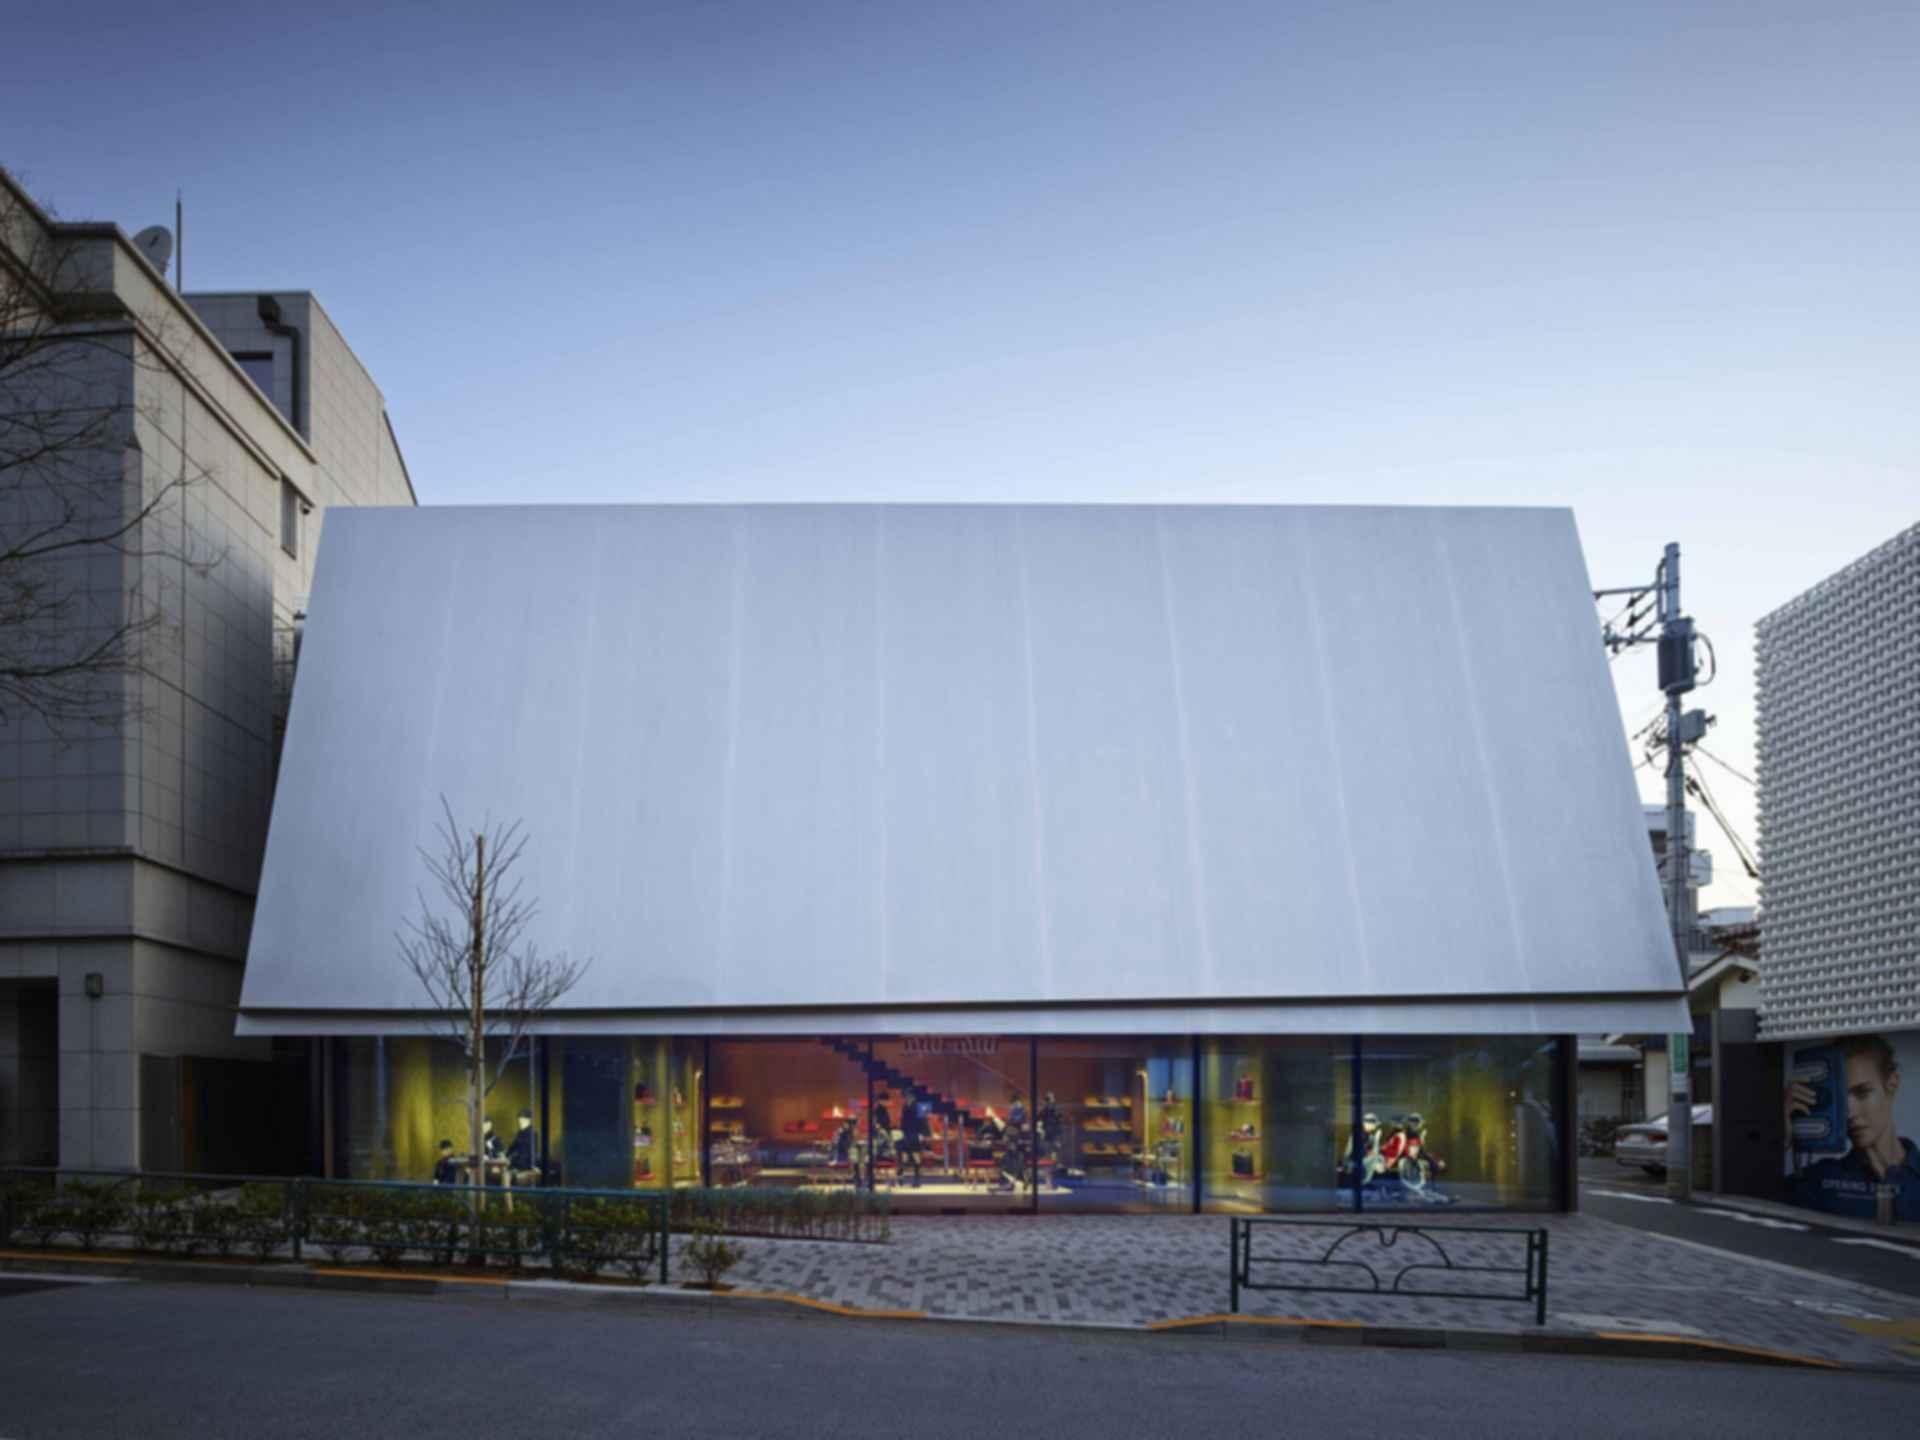 Miu Miu Store - Exterior/Street View